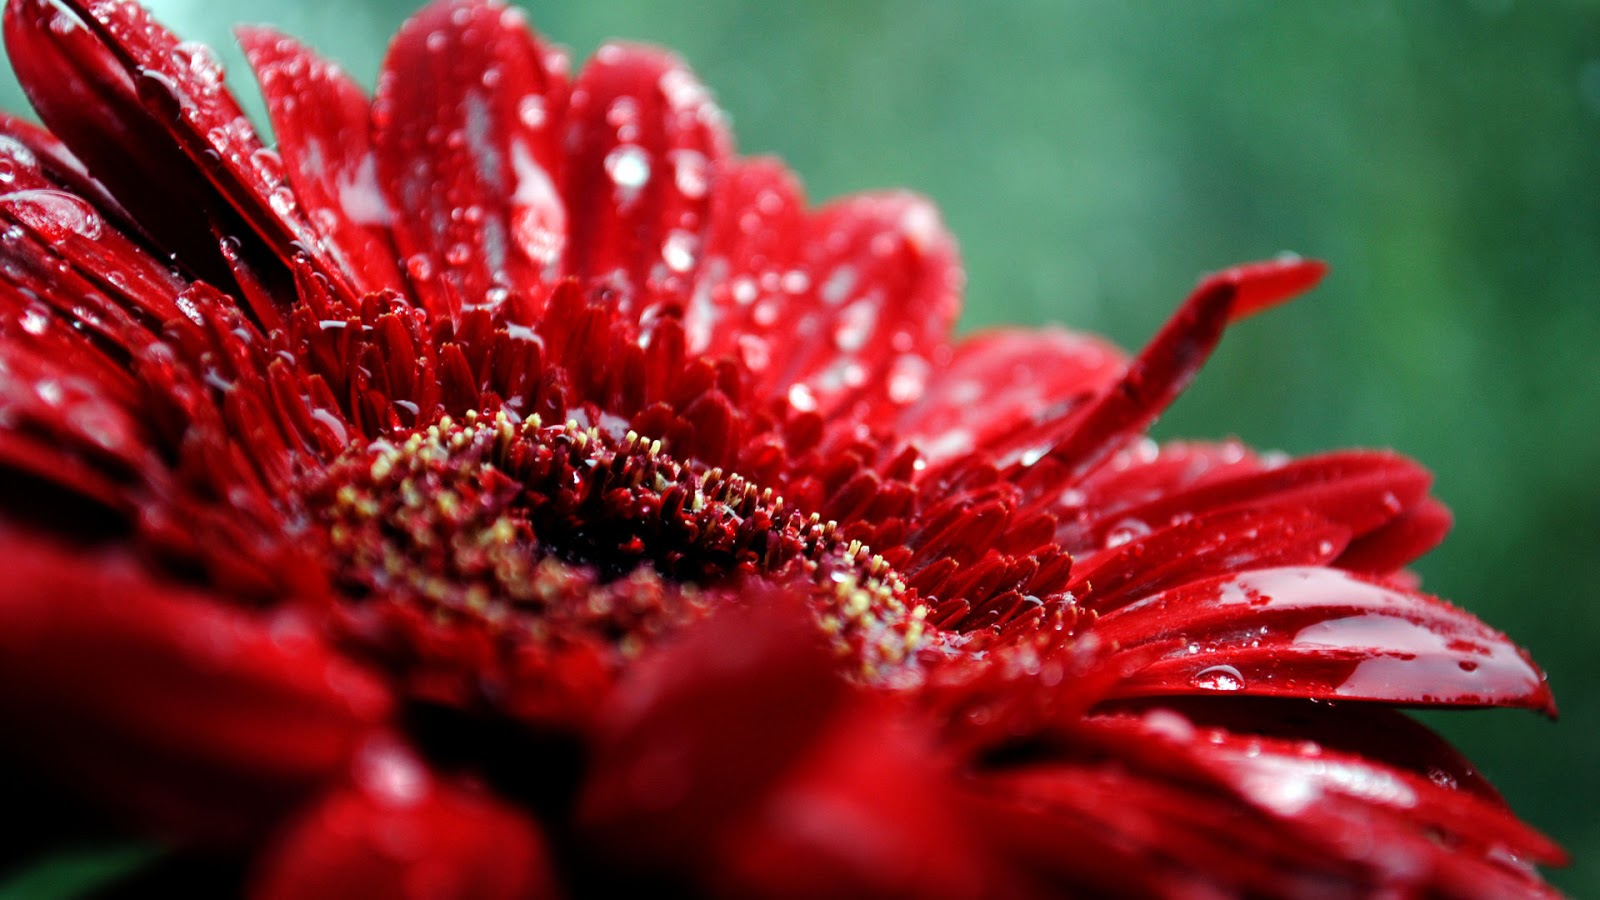 Imagenes De Fondo Flores Para Pantalla Hd 2: Beautiful Flowers Full HD 1080p